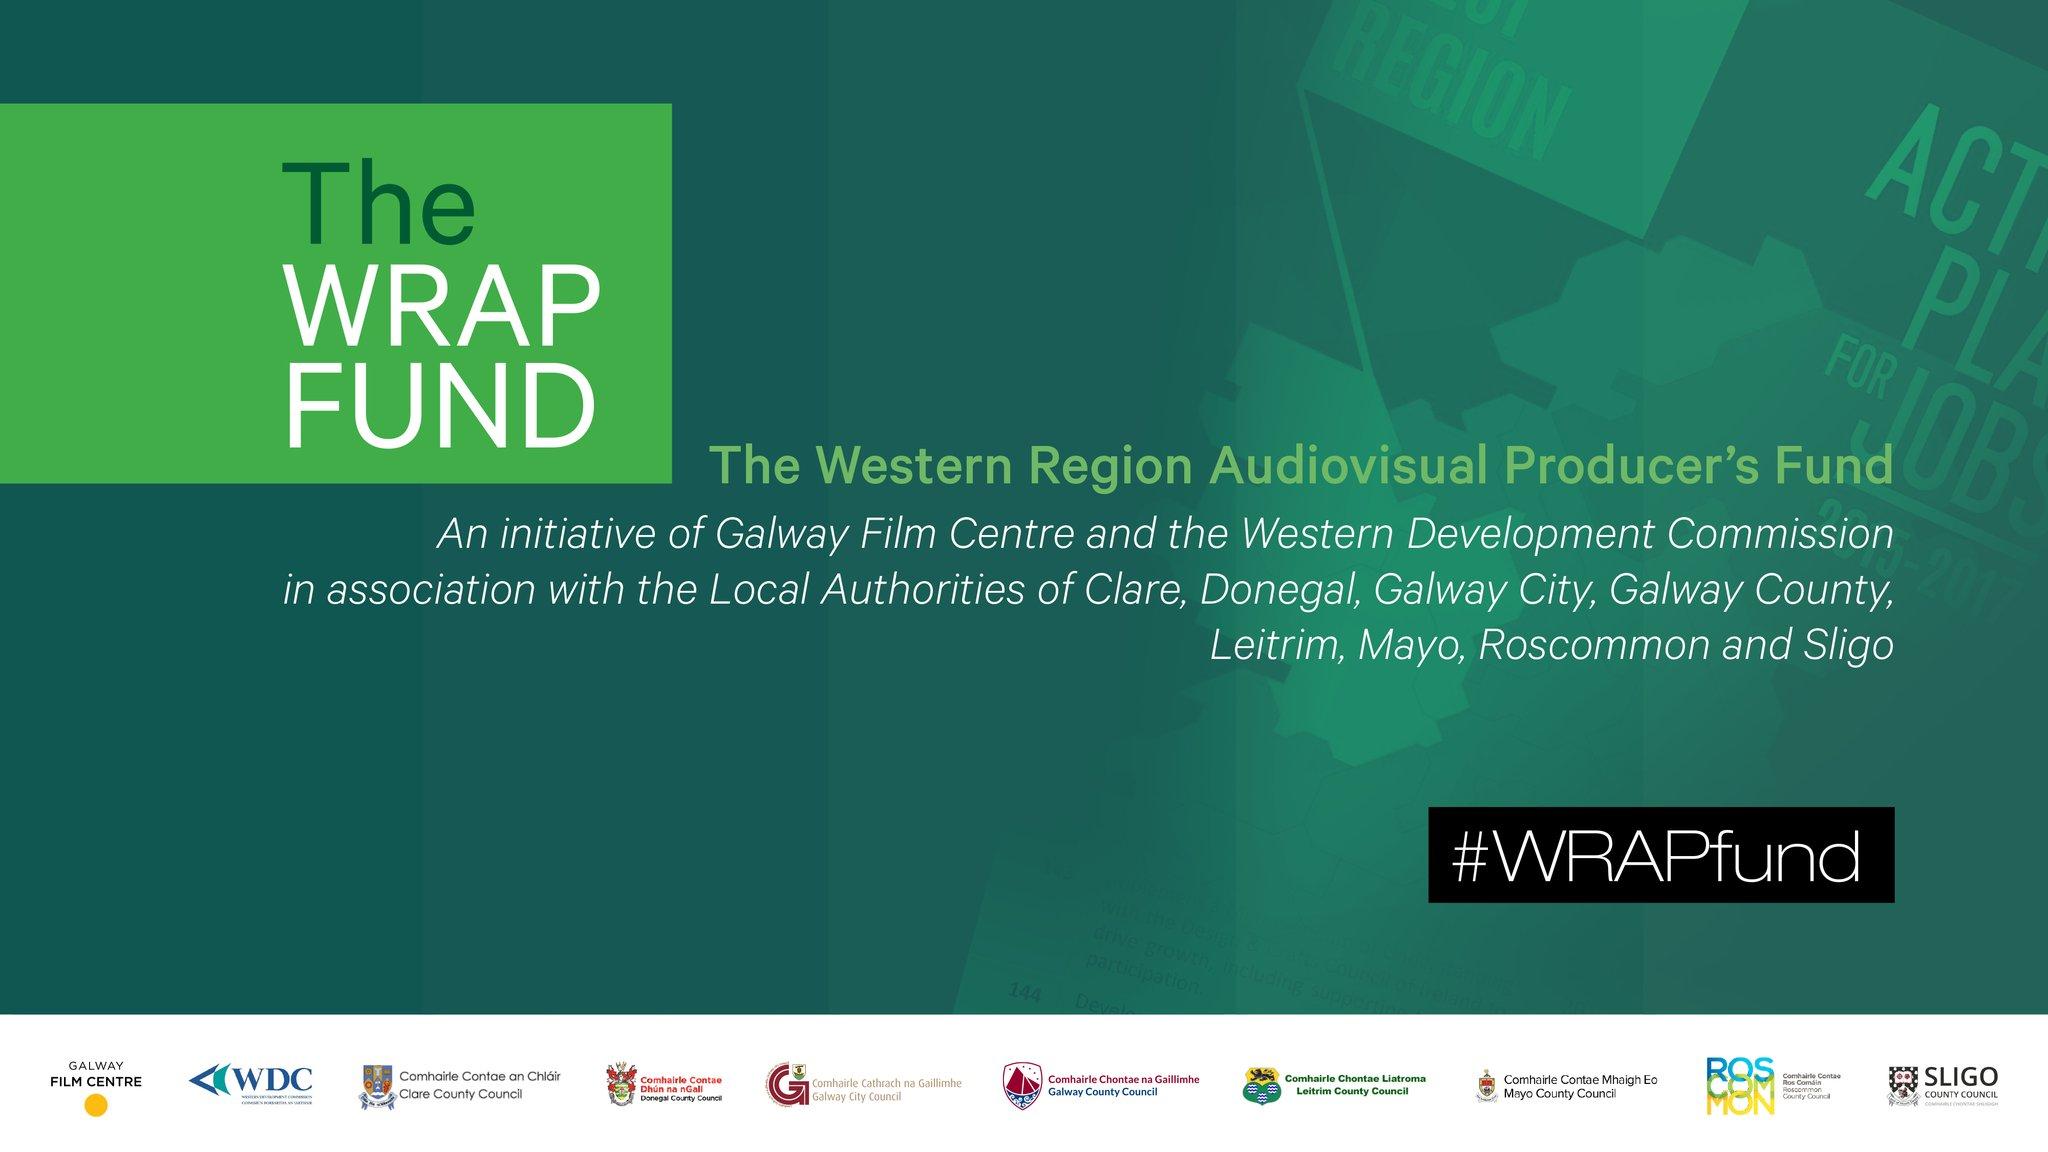 WRAP Fund